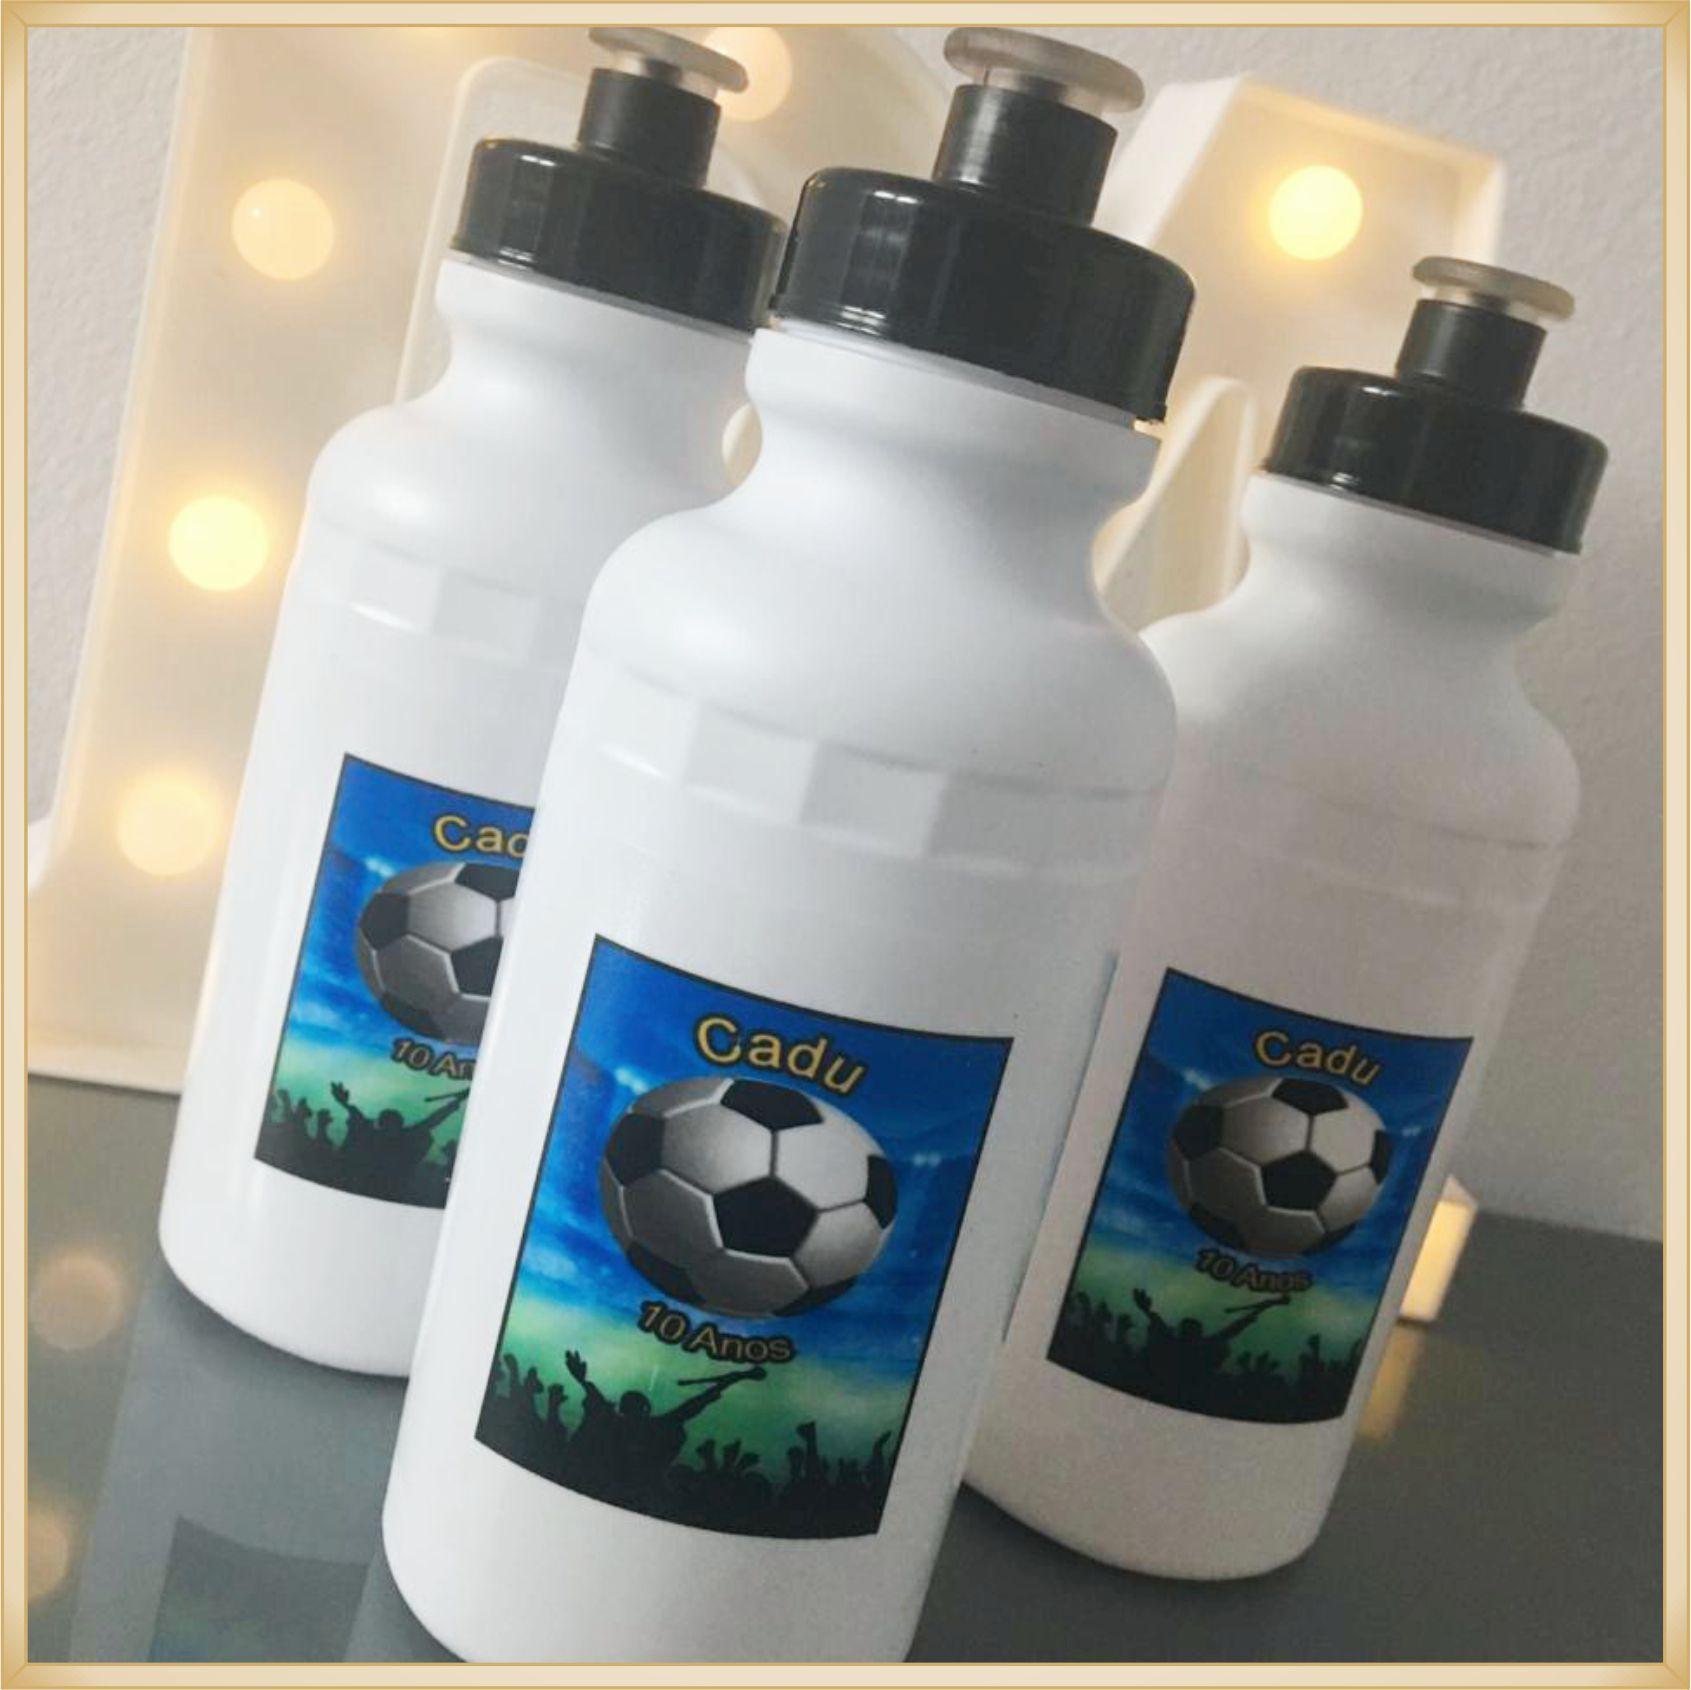 Squeeze Personalizado para aniversário infantil - prático e durável, estampa brilhante de alta qualidade, volume 500 ml, resistente. kit 30 unidades